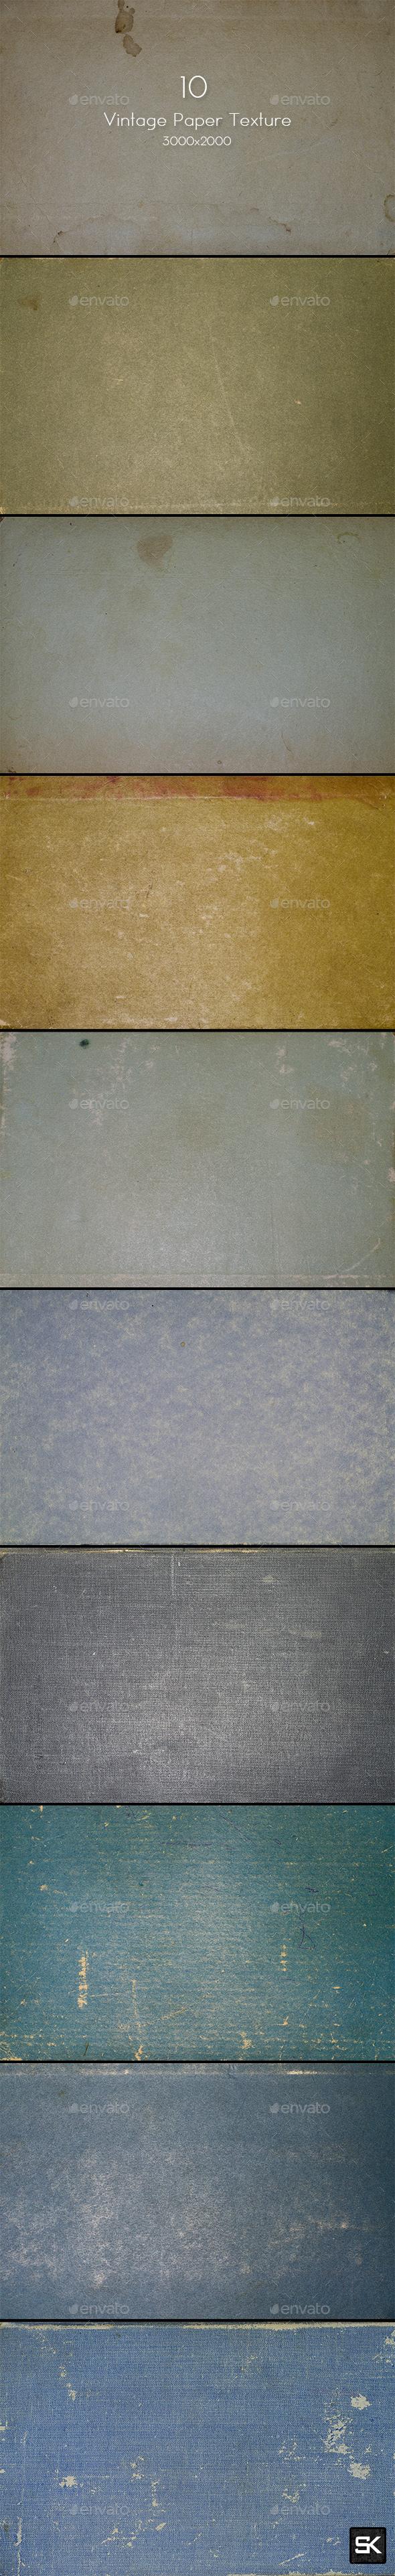 10 Vintage Paper Texture - Paper Textures